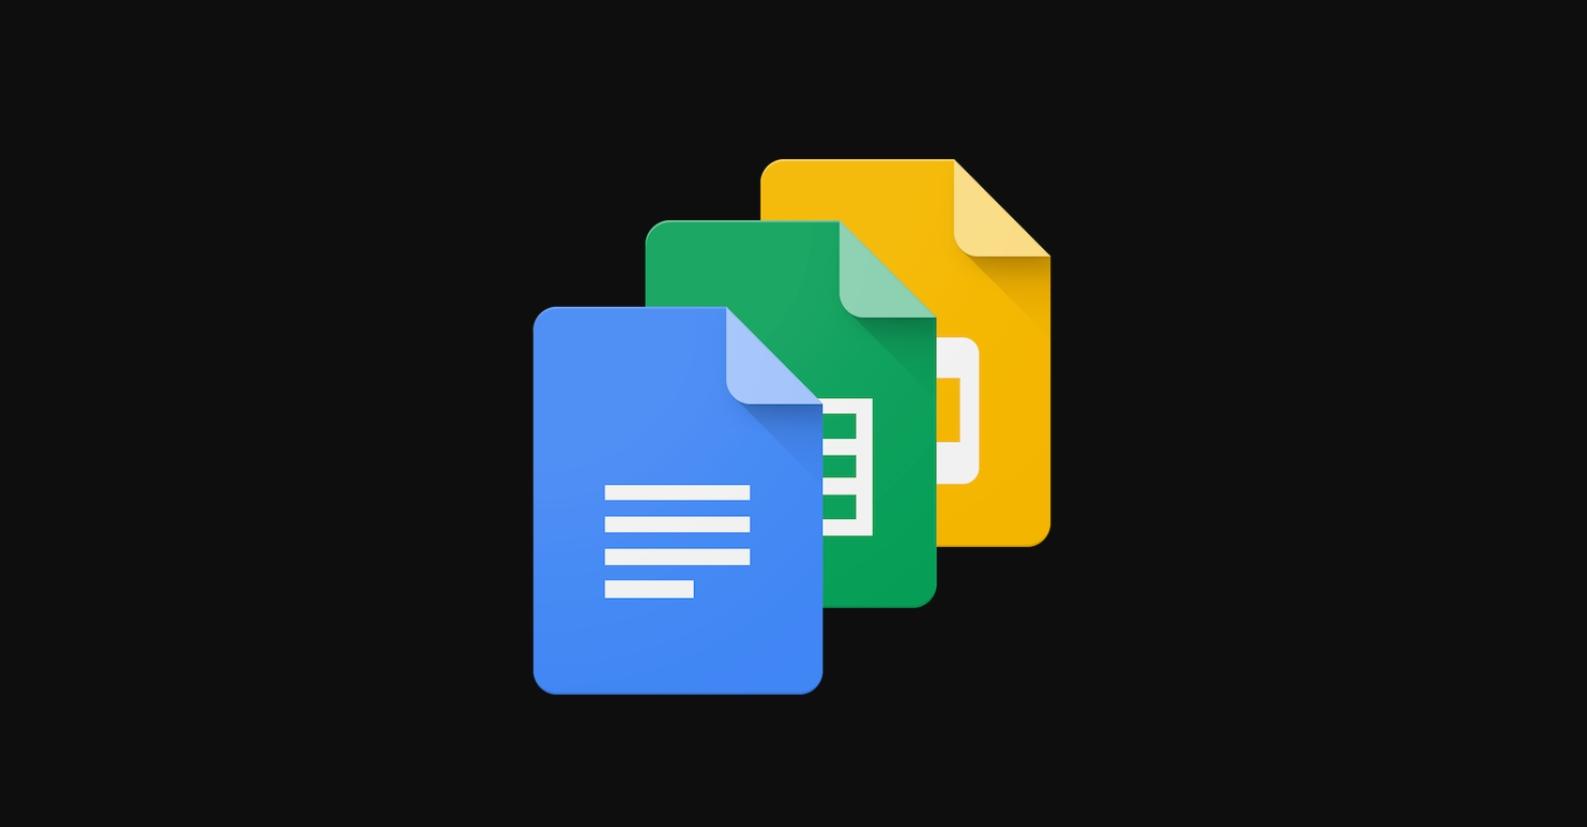 Google nasazuje tmavý vzhled u aplikací Dokumenty, Tabulky, Prezentace